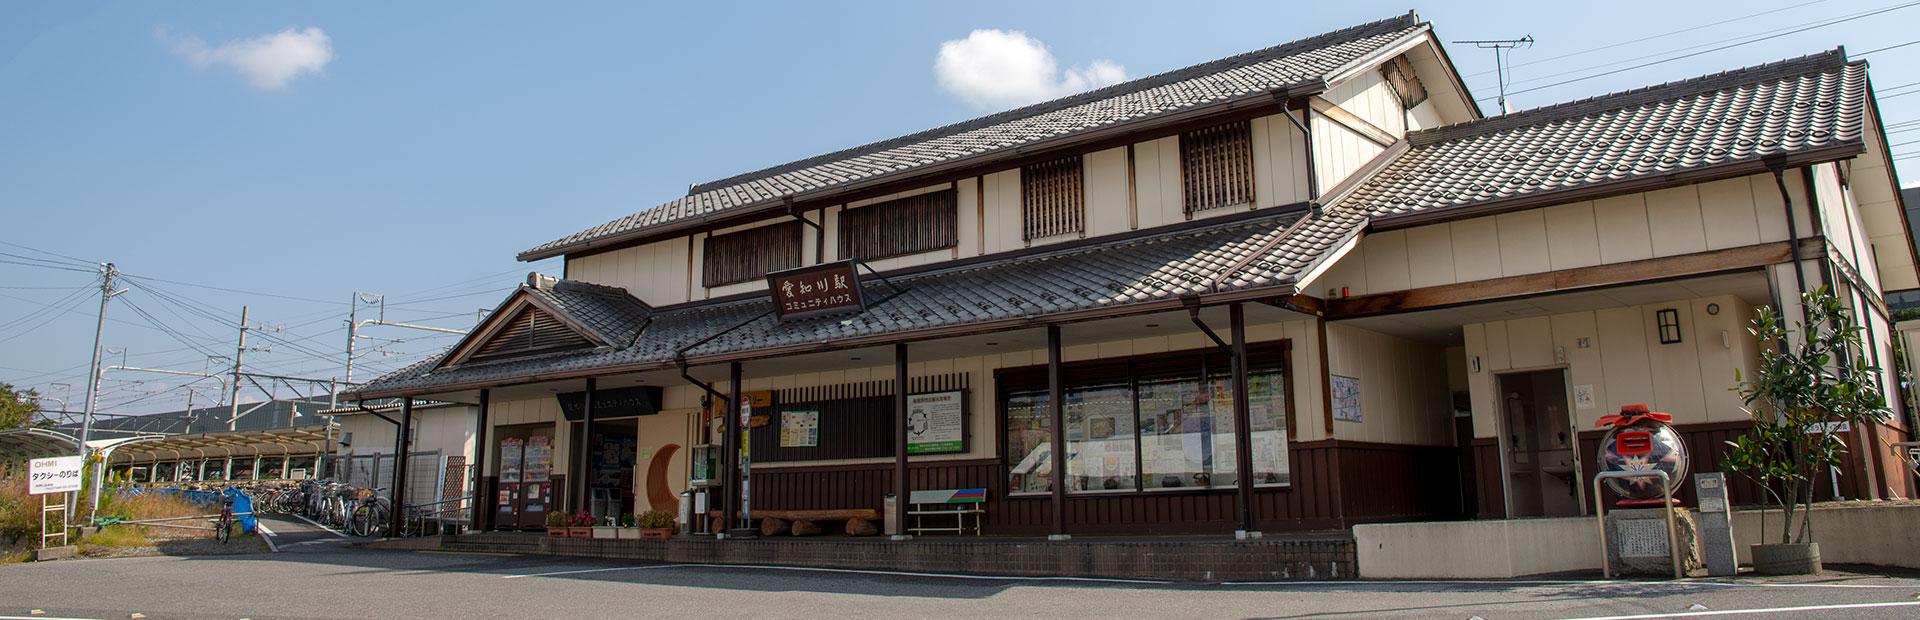 愛知川駅コミュニティハウス るーぶる愛知川